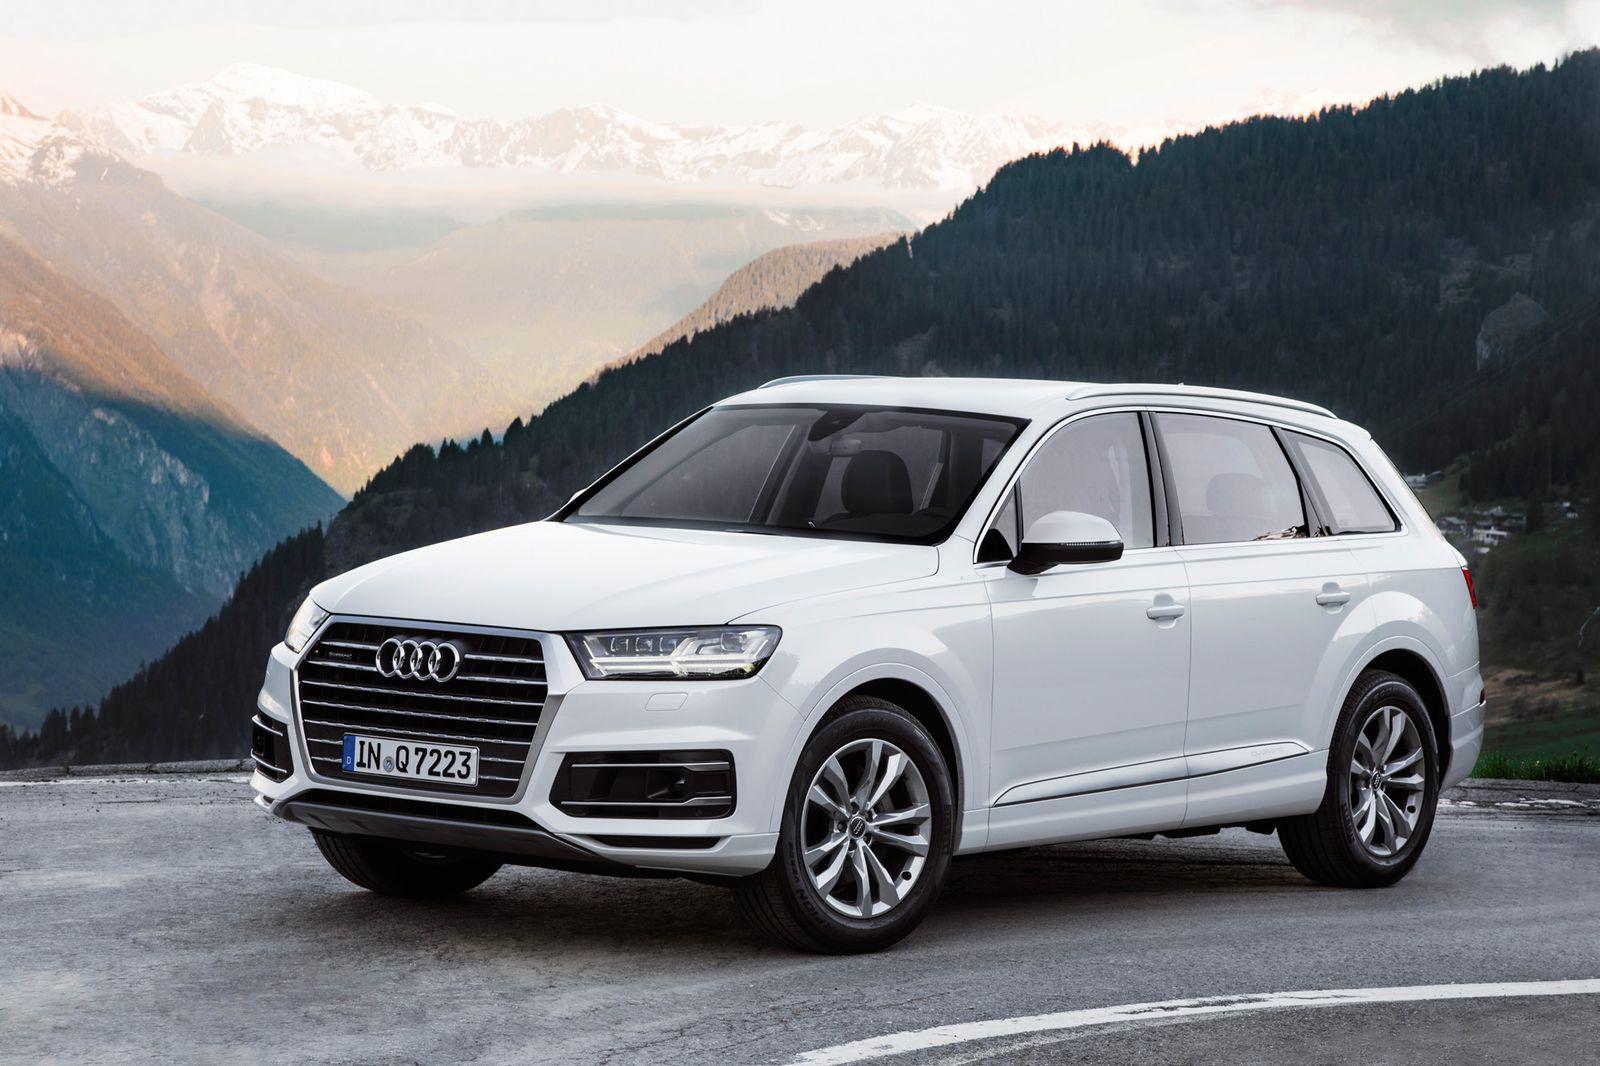 Autodiebstahl/ Audi Q7